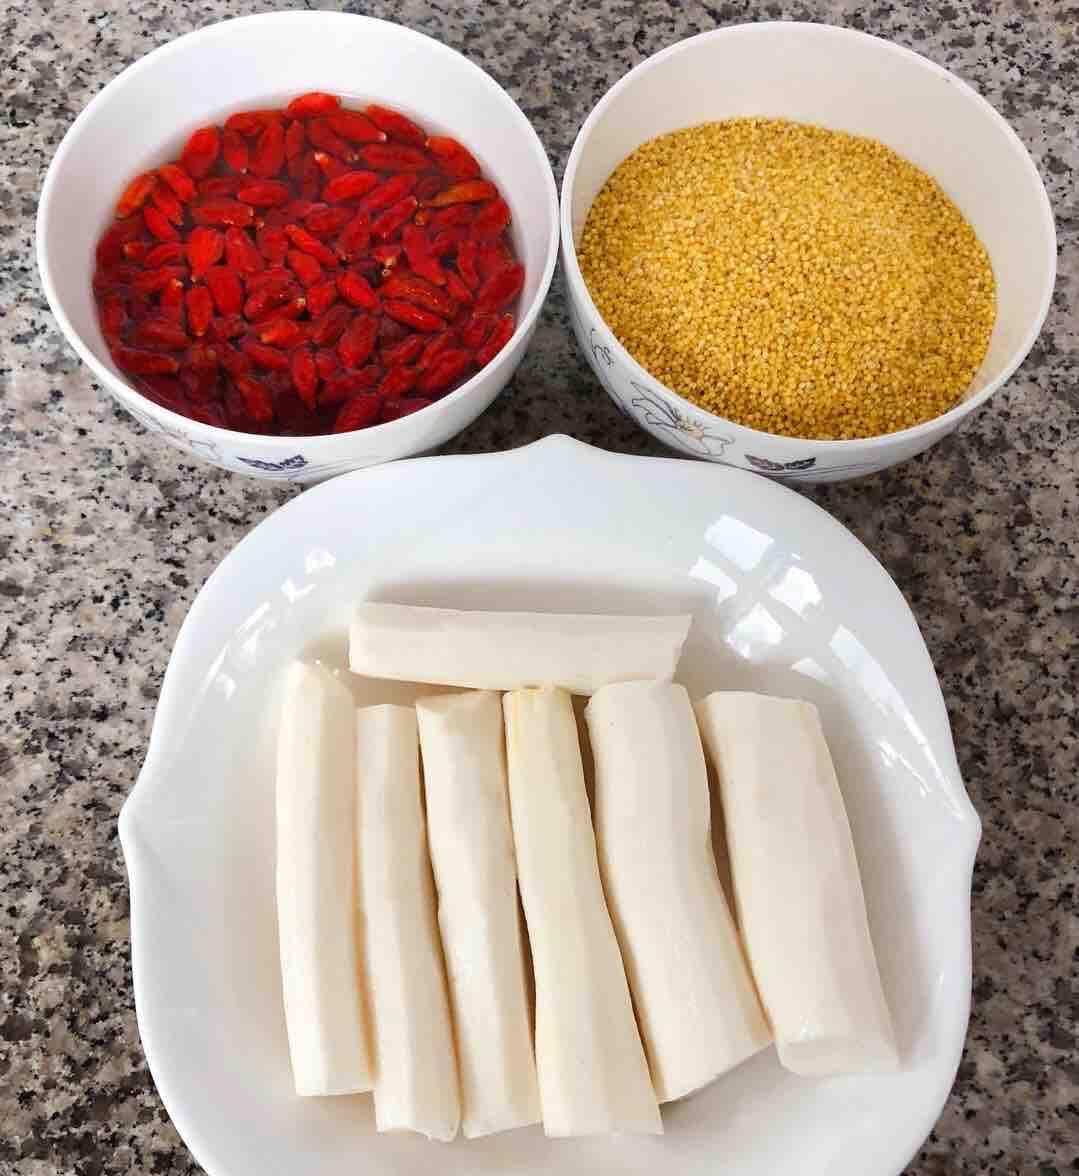 山药枸杞小米粥的做法大全